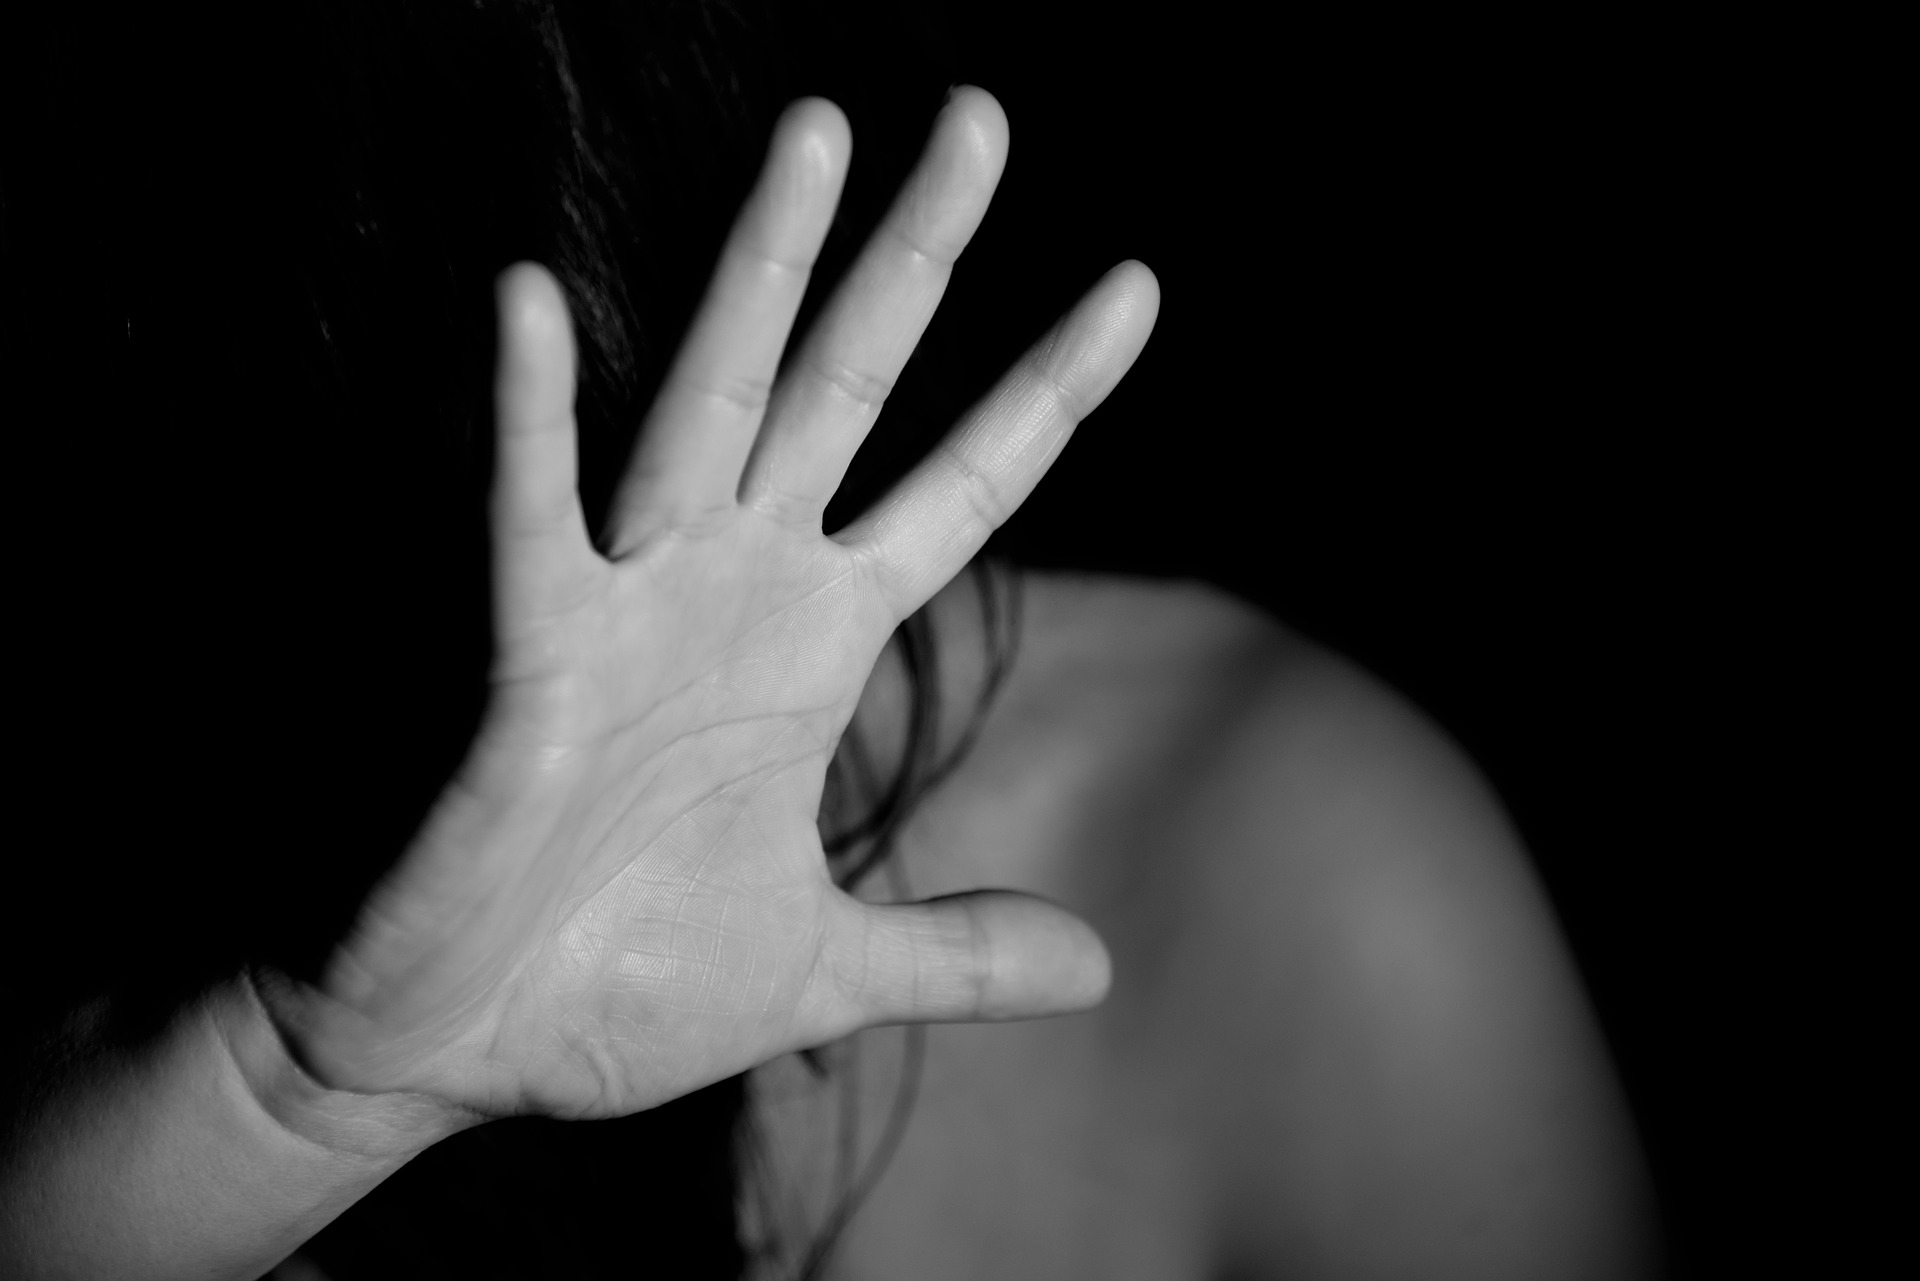 Ayudas económicas para víctimas de violencia de género